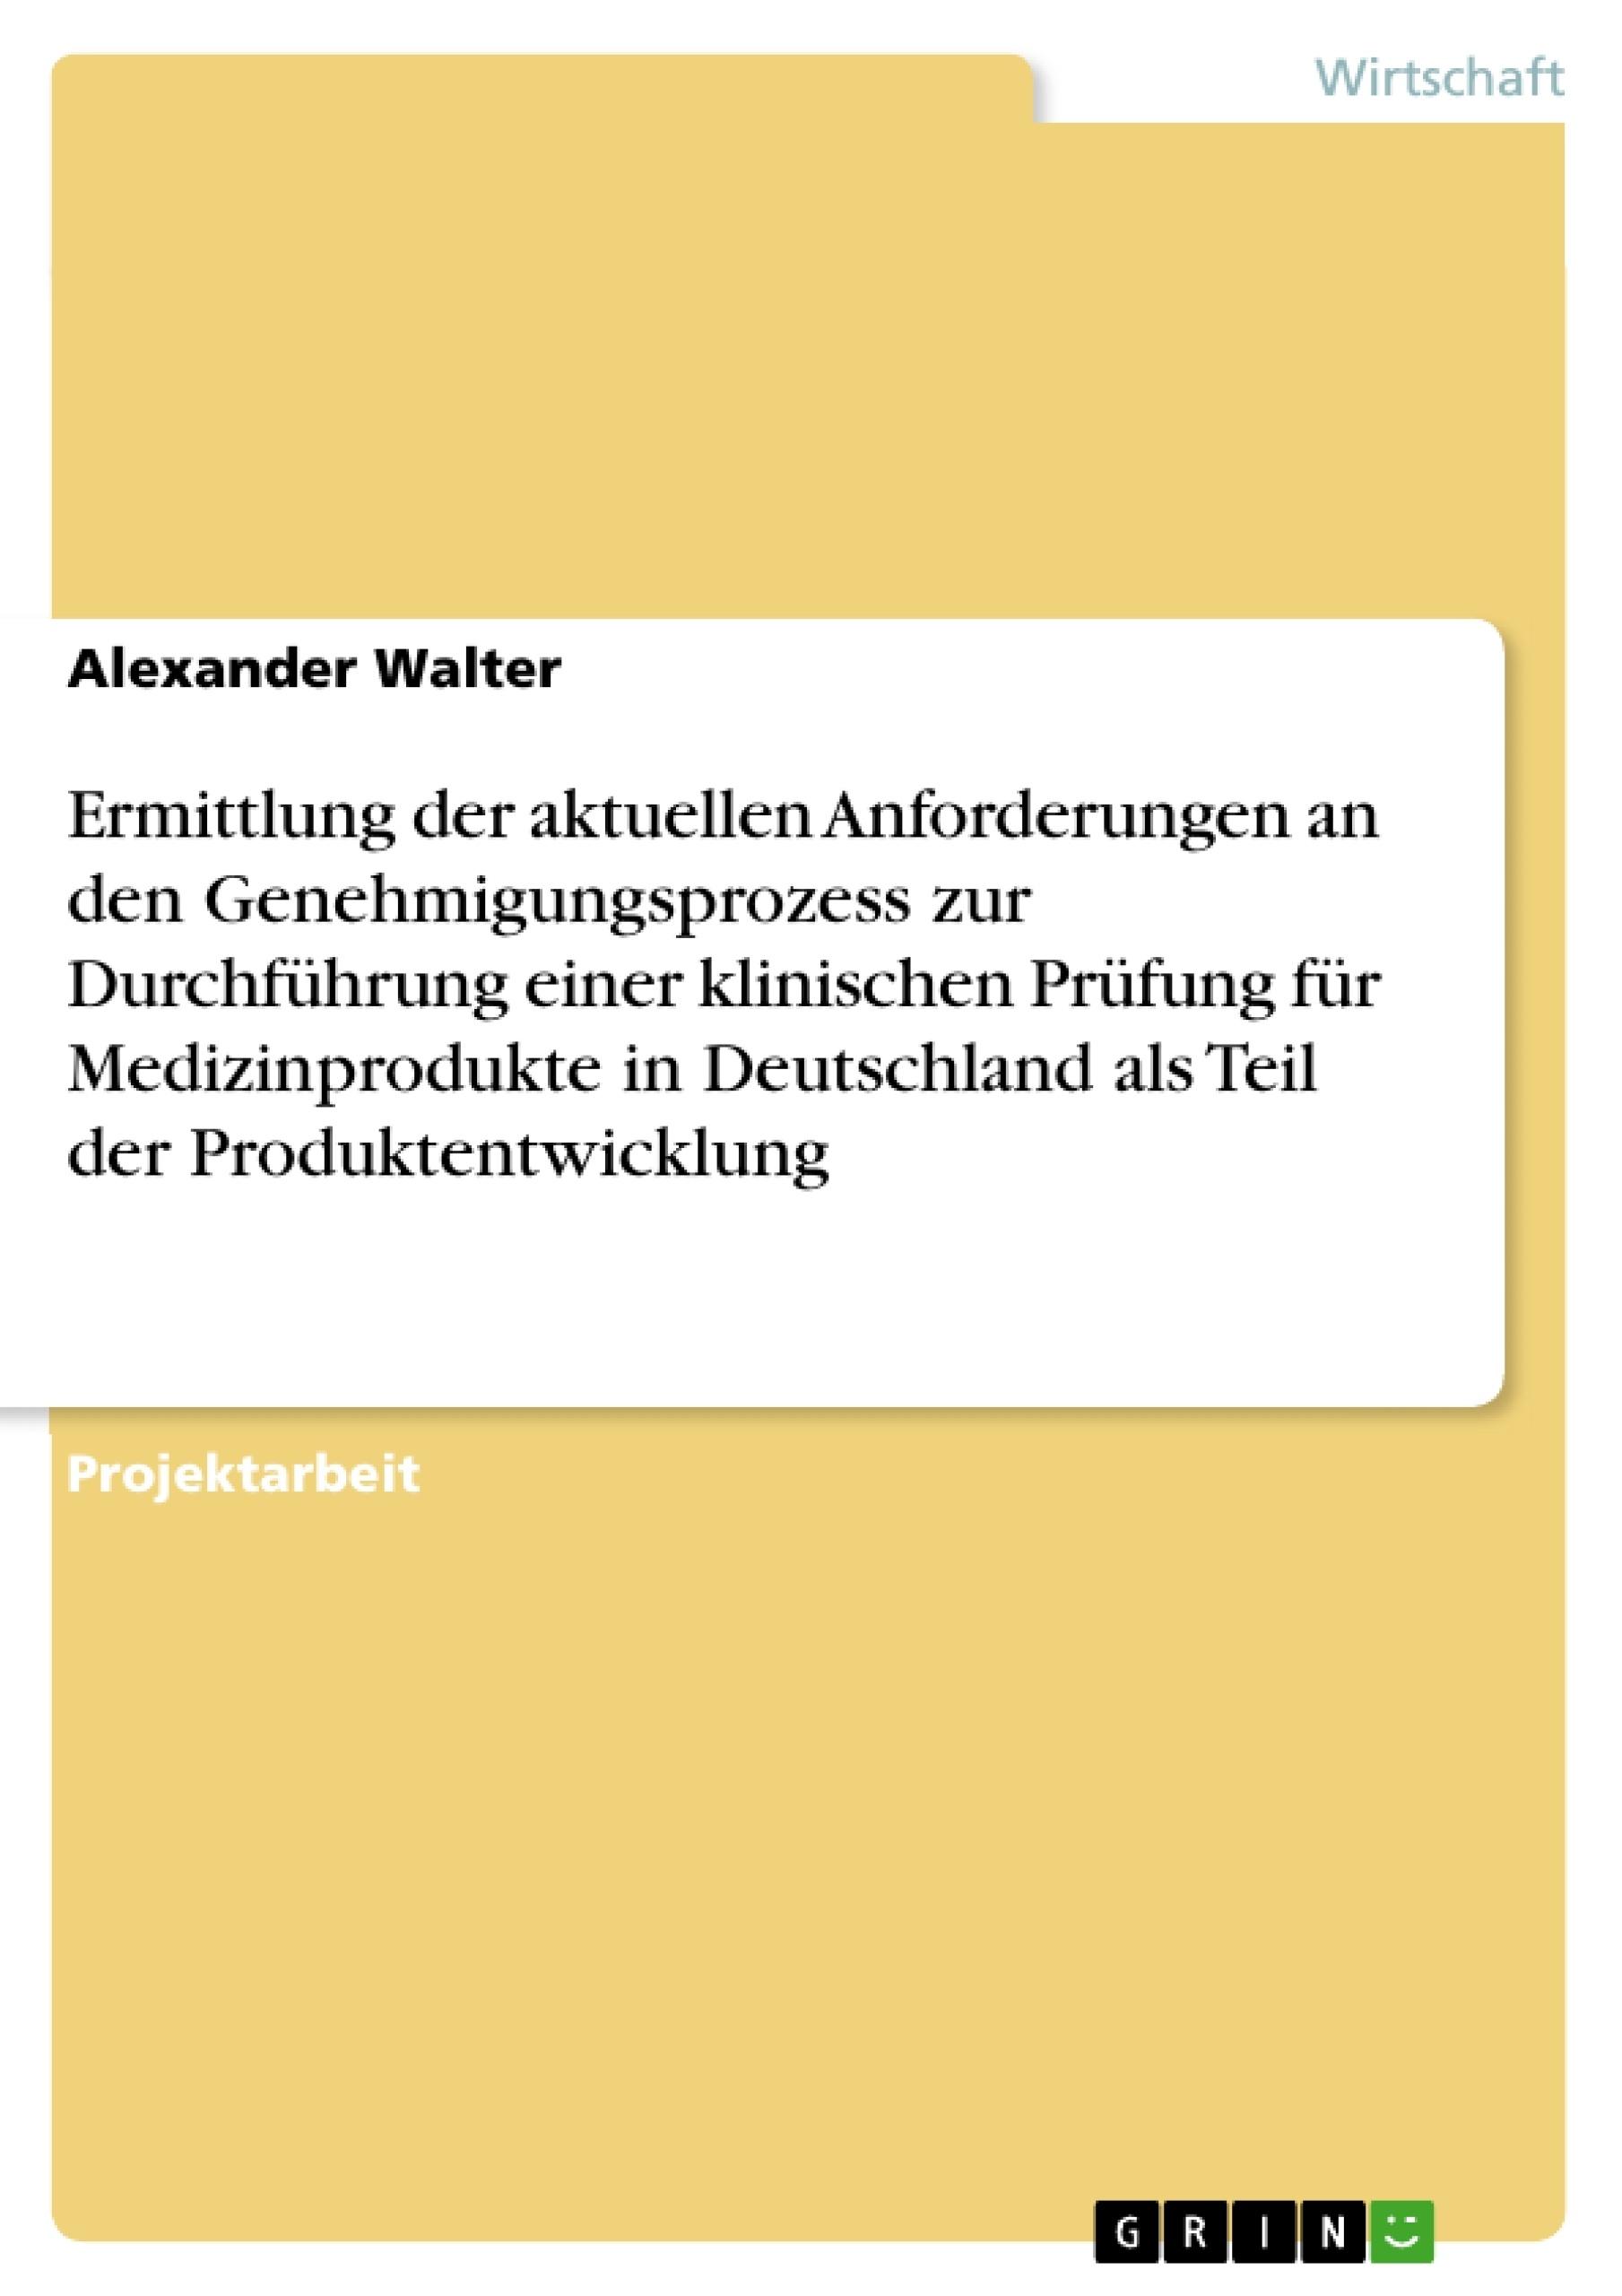 Titel: Ermittlung der aktuellen Anforderungen an den Genehmigungsprozess zur Durchführung einer klinischen Prüfung für Medizinprodukte in Deutschland als Teil der Produktentwicklung